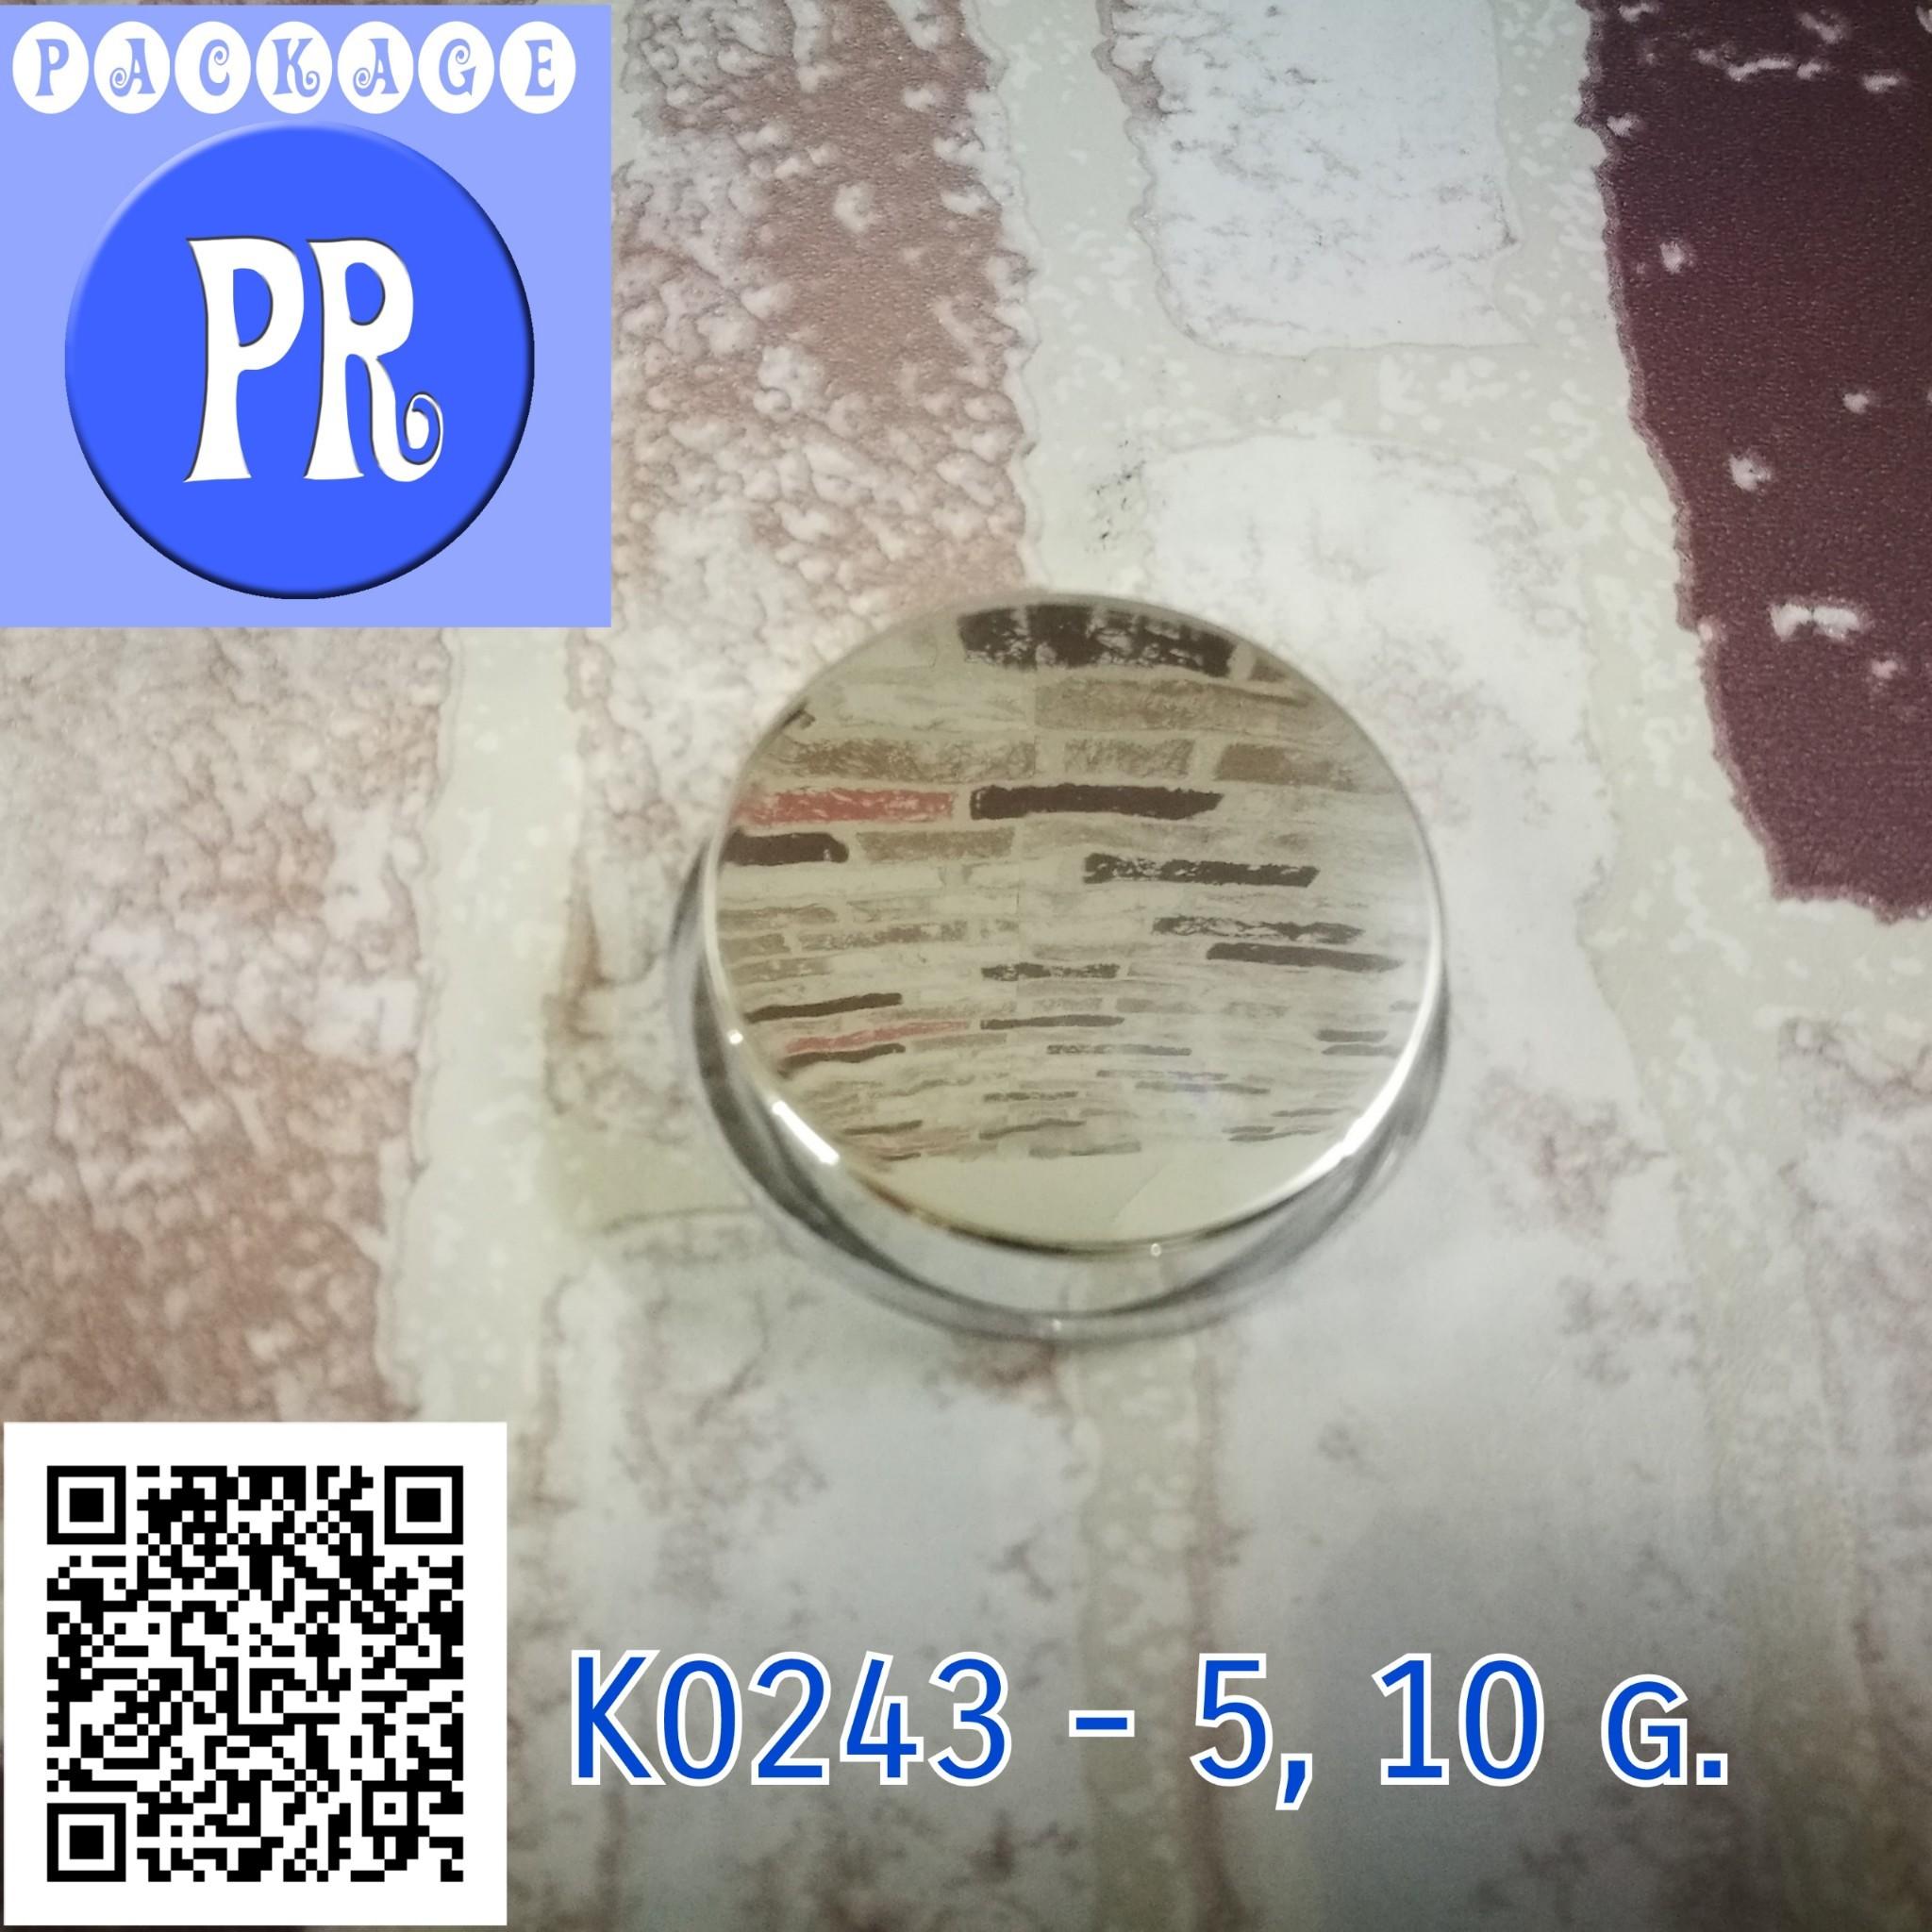 K0243 - 10 g